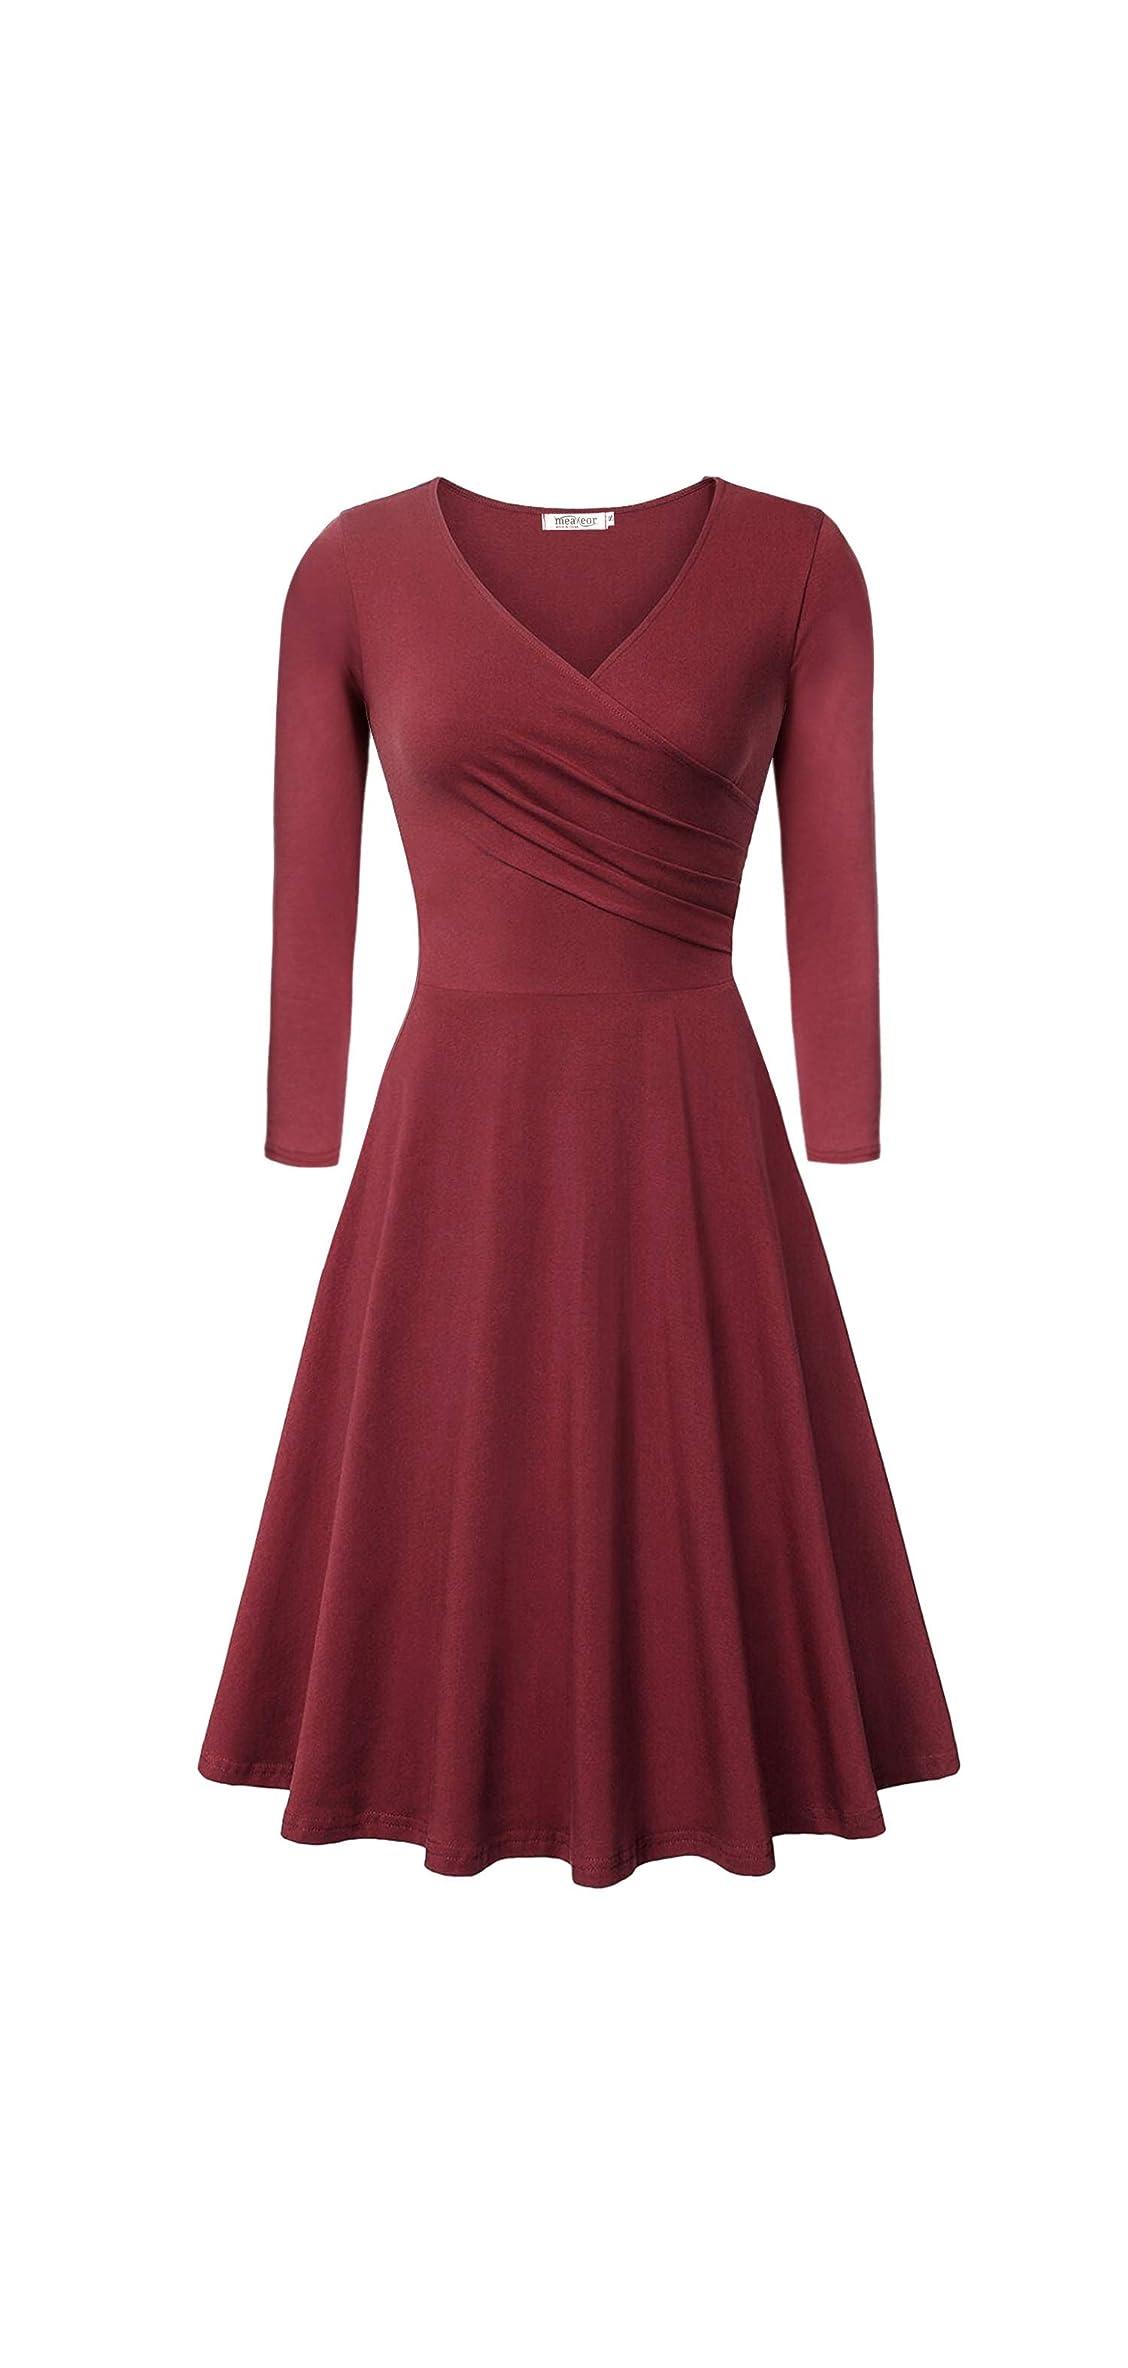 Women's Elegant V Neck Shirred Retro Vintage Prom Dress